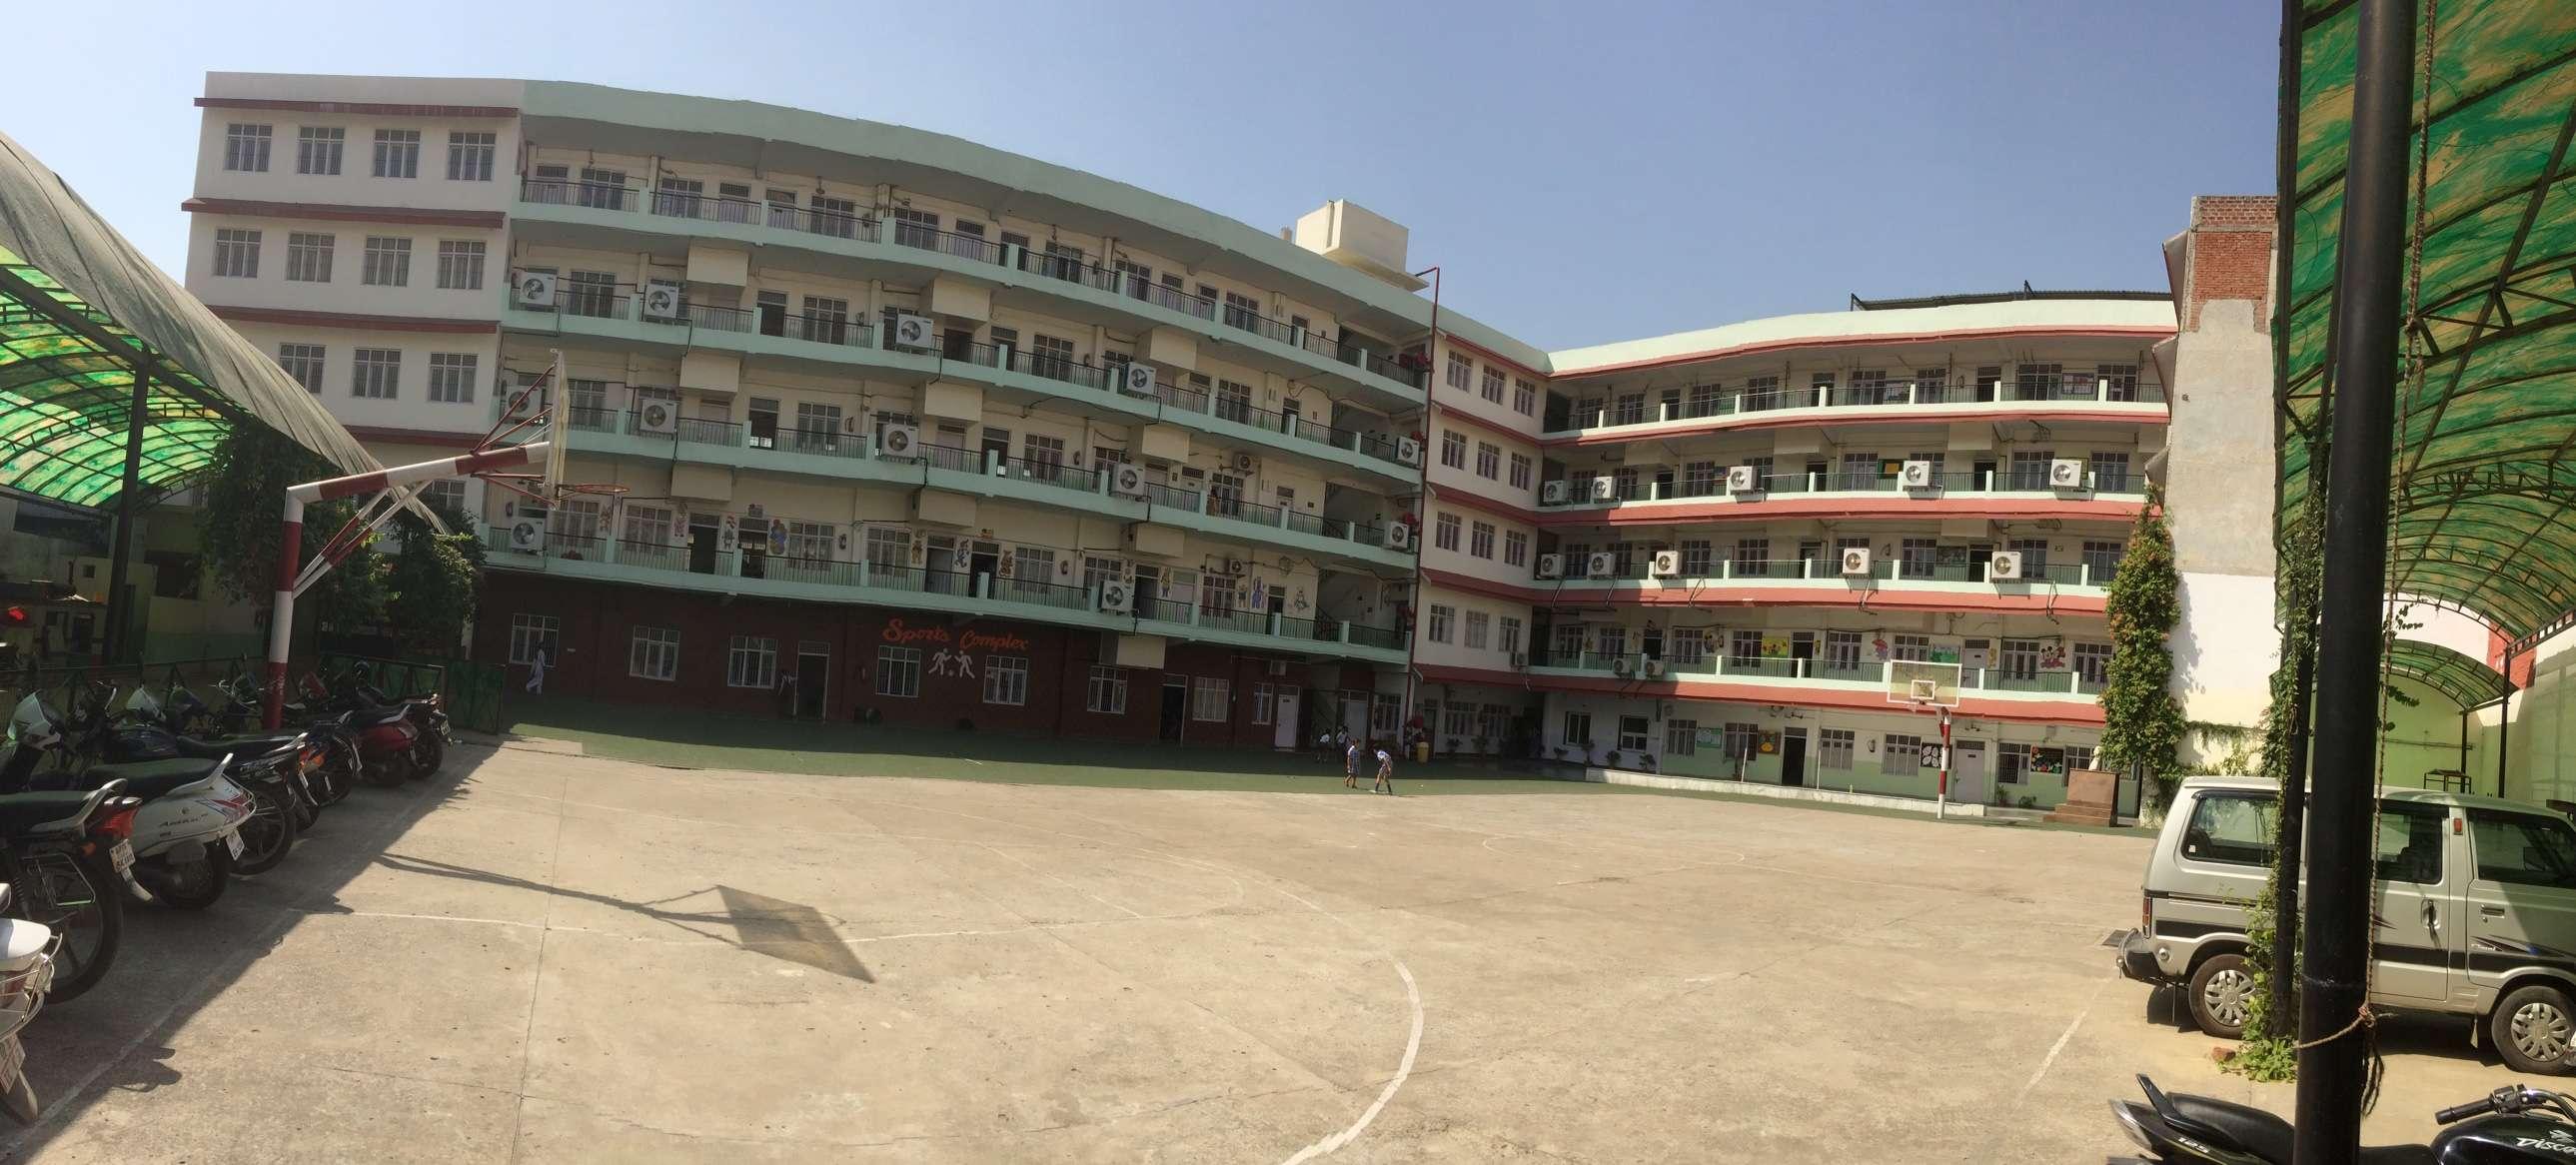 SHRI SANATAN DHARAM EDUCATION CENTRE 118 226 KAUSHAL PURI KANPUR UP 2130745